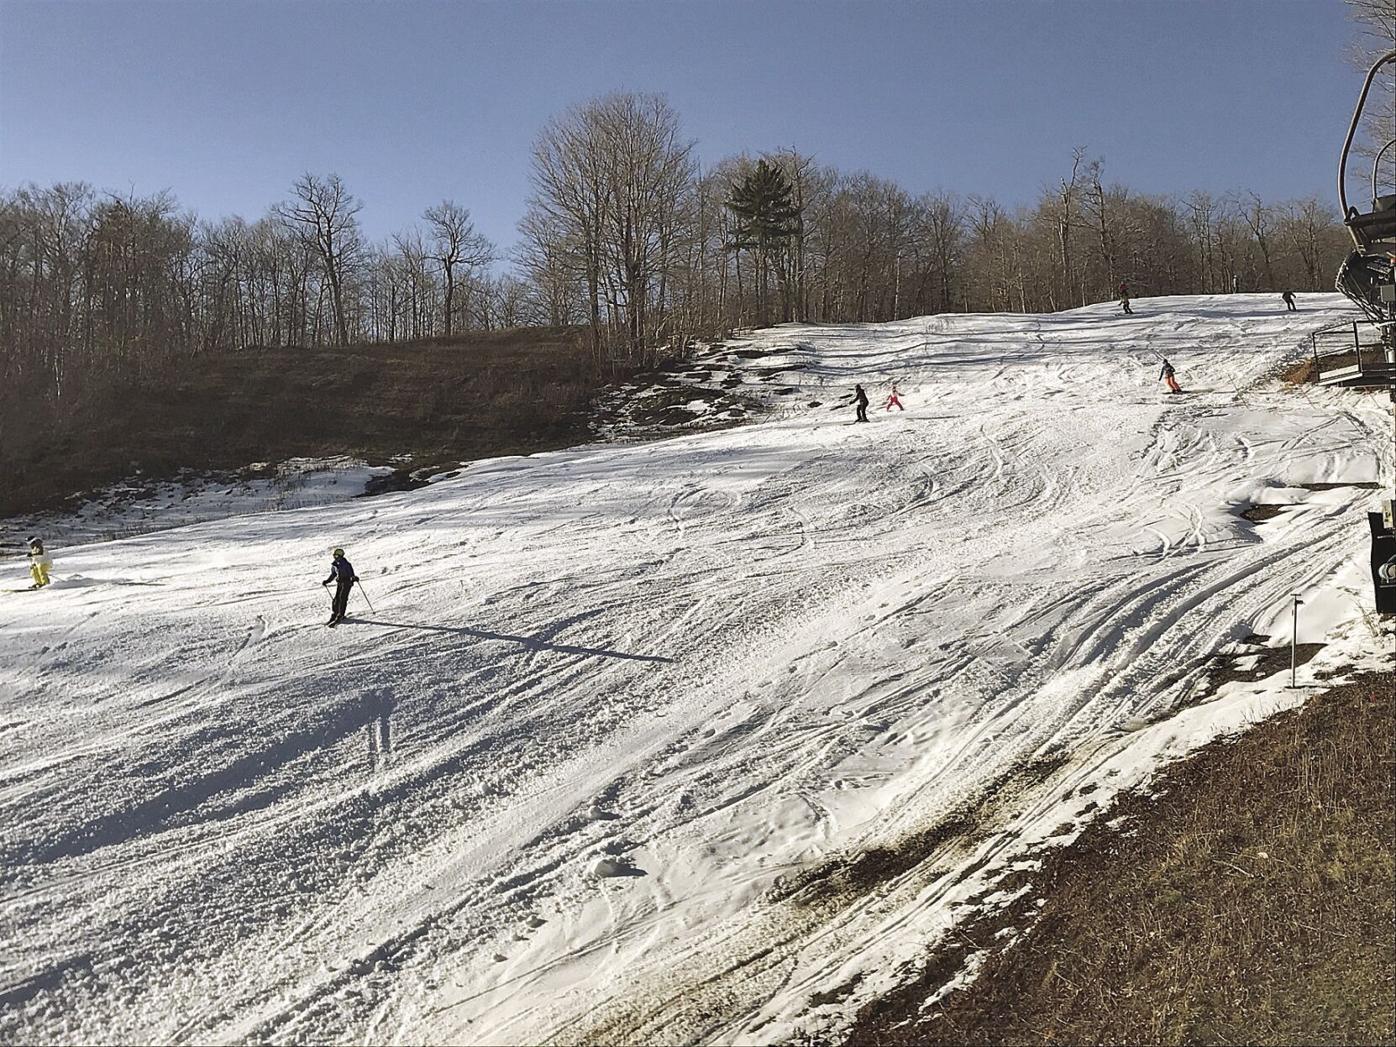 Mount Snow 7